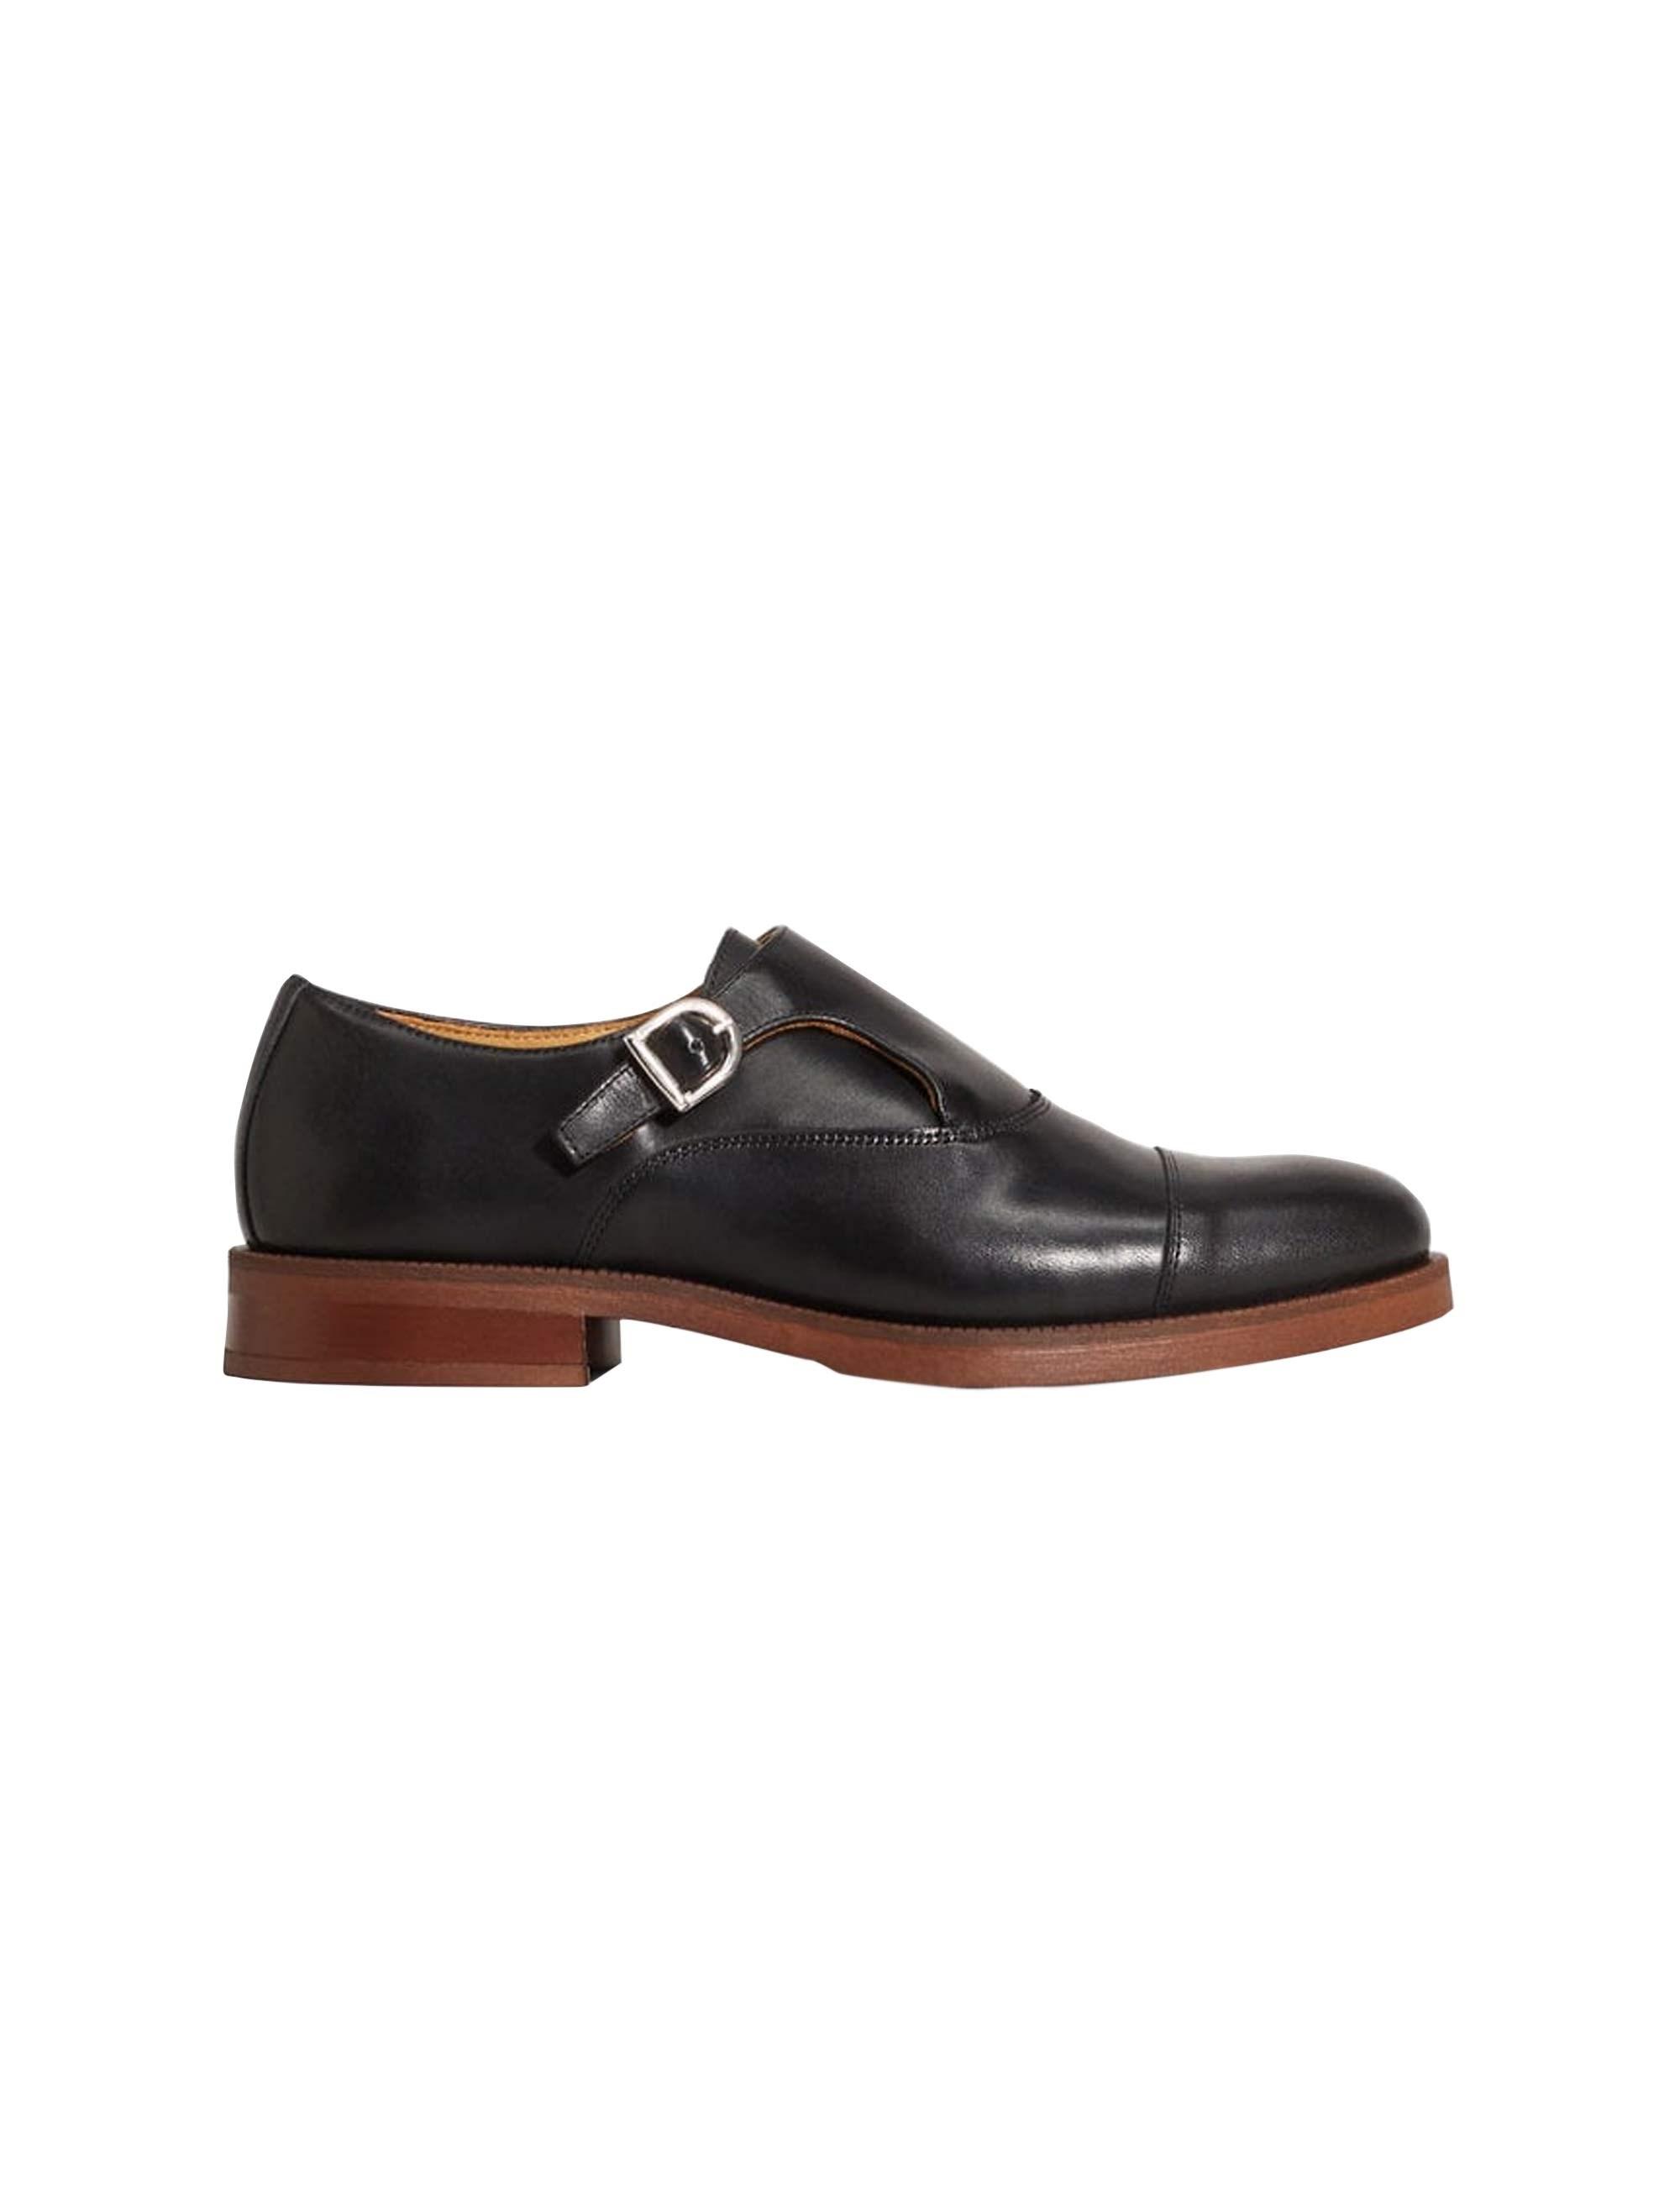 قیمت کفش رسمی چرم مردانه - مانگو